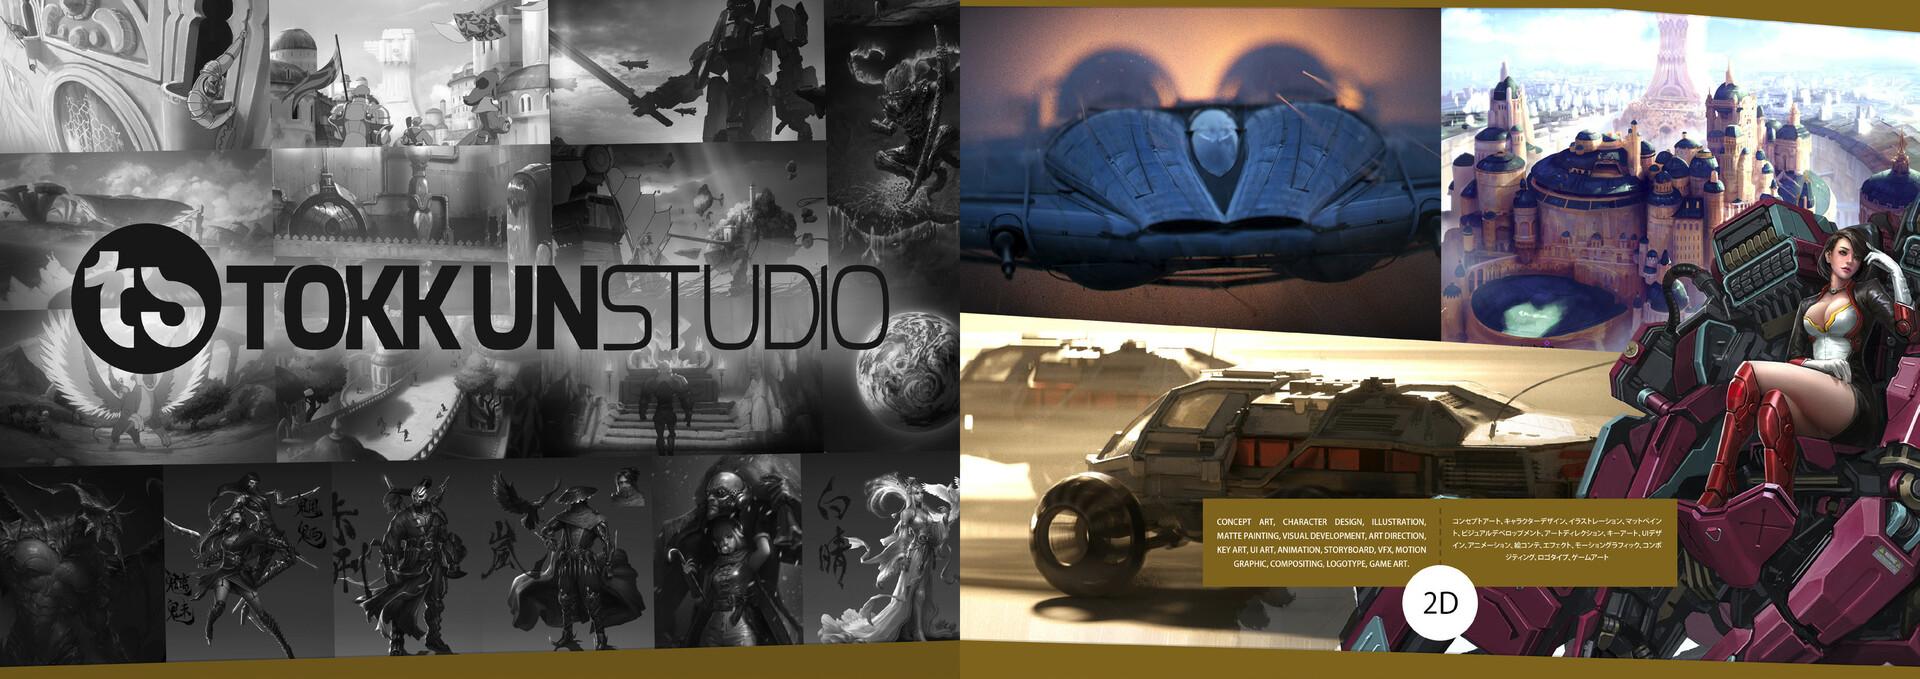 Tokkun studio pdf ts public2019 page 17